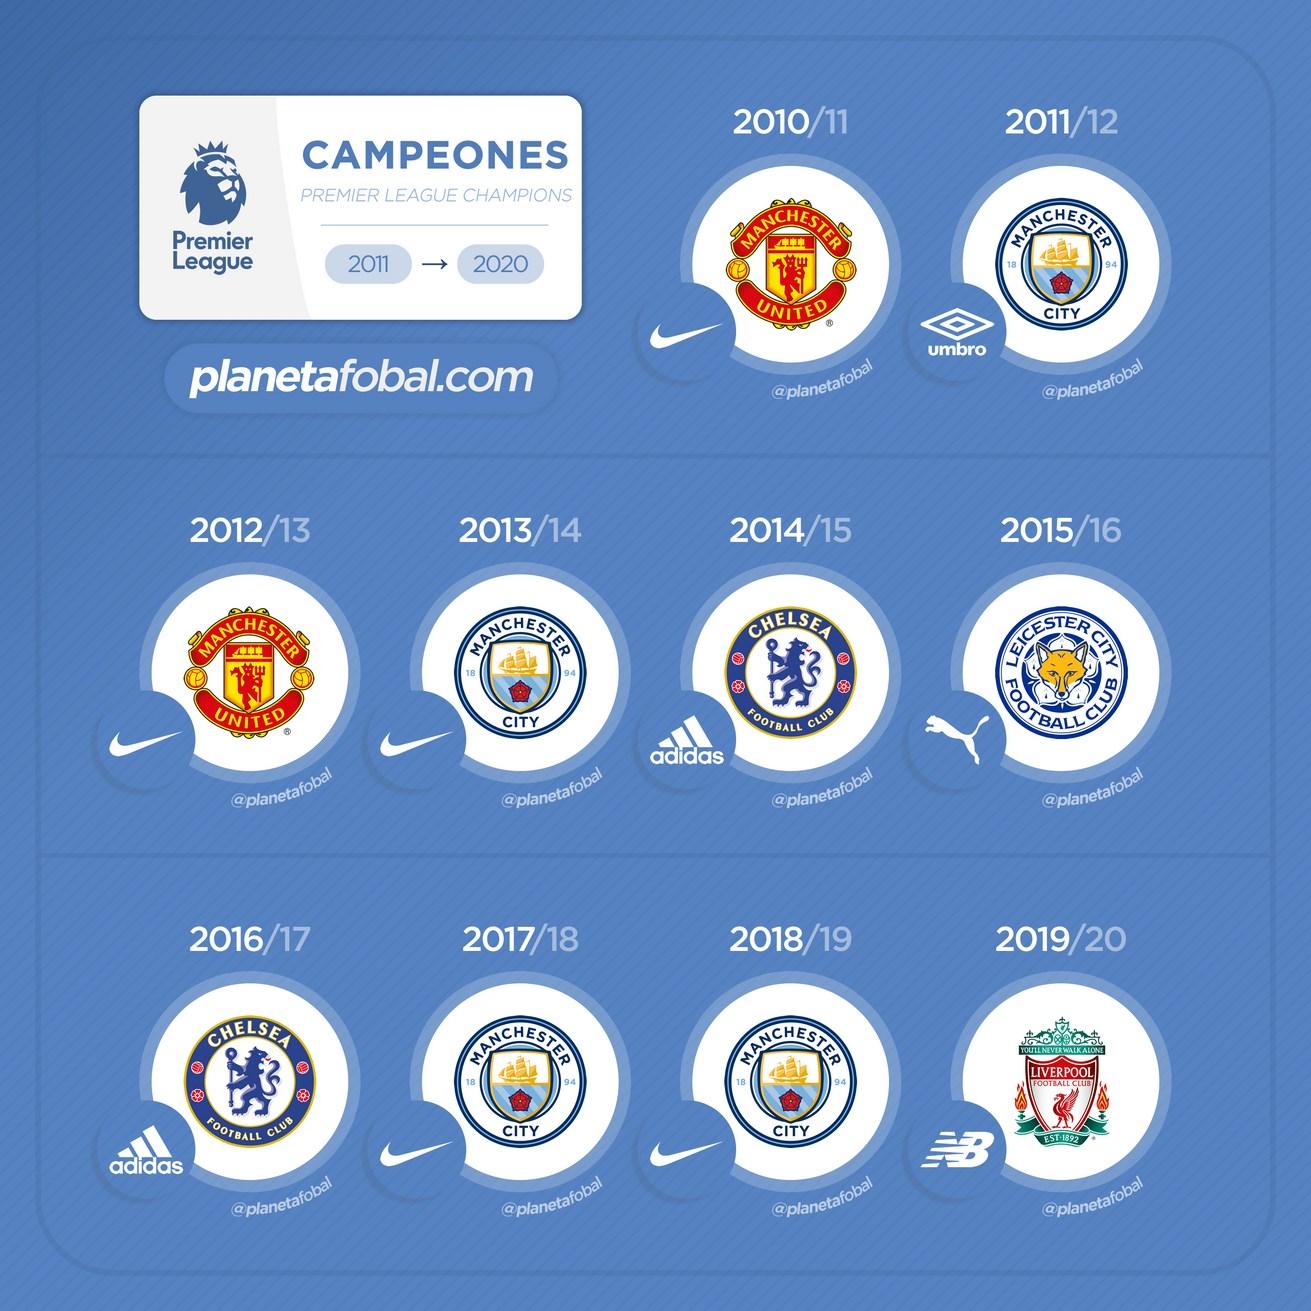 Campeones de la Premier League 2011 - 2020